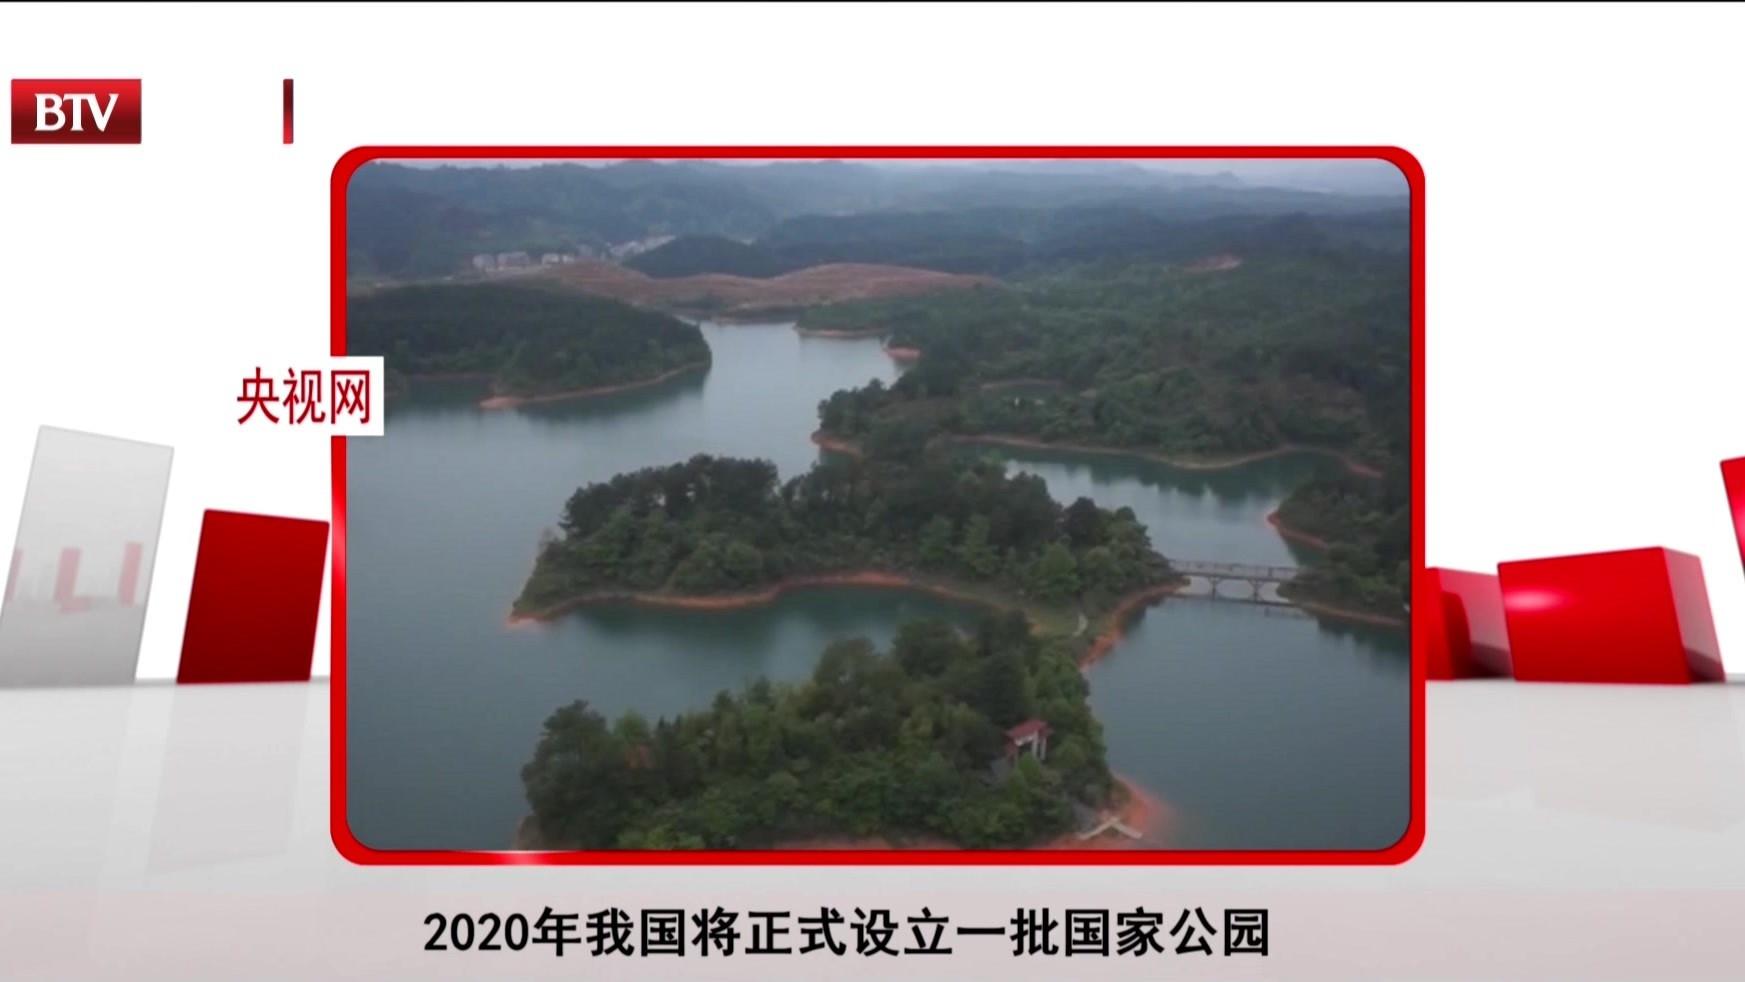 2020年我国将正式设立一批国家公园